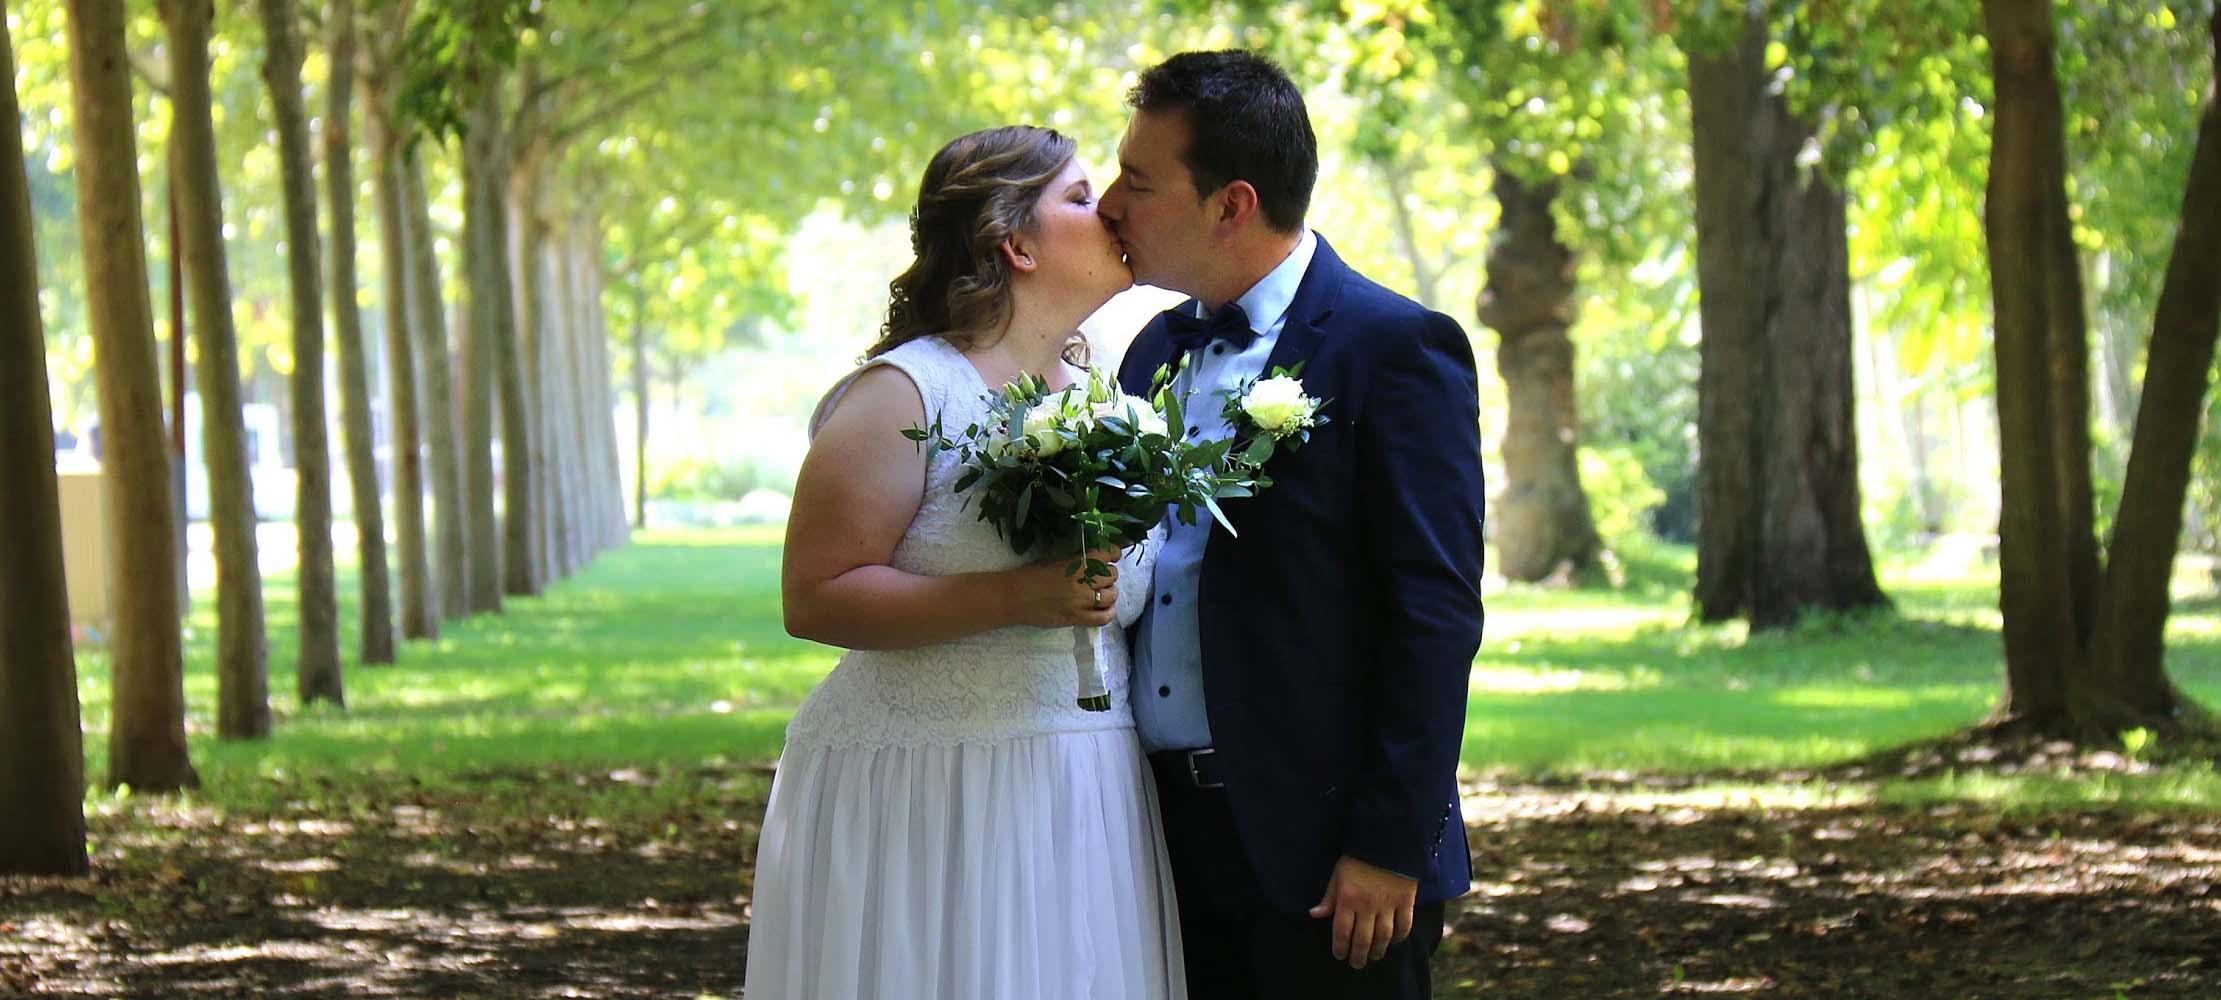 Session esküvő fotó a kopaszi gáton, fasor esküvős választása